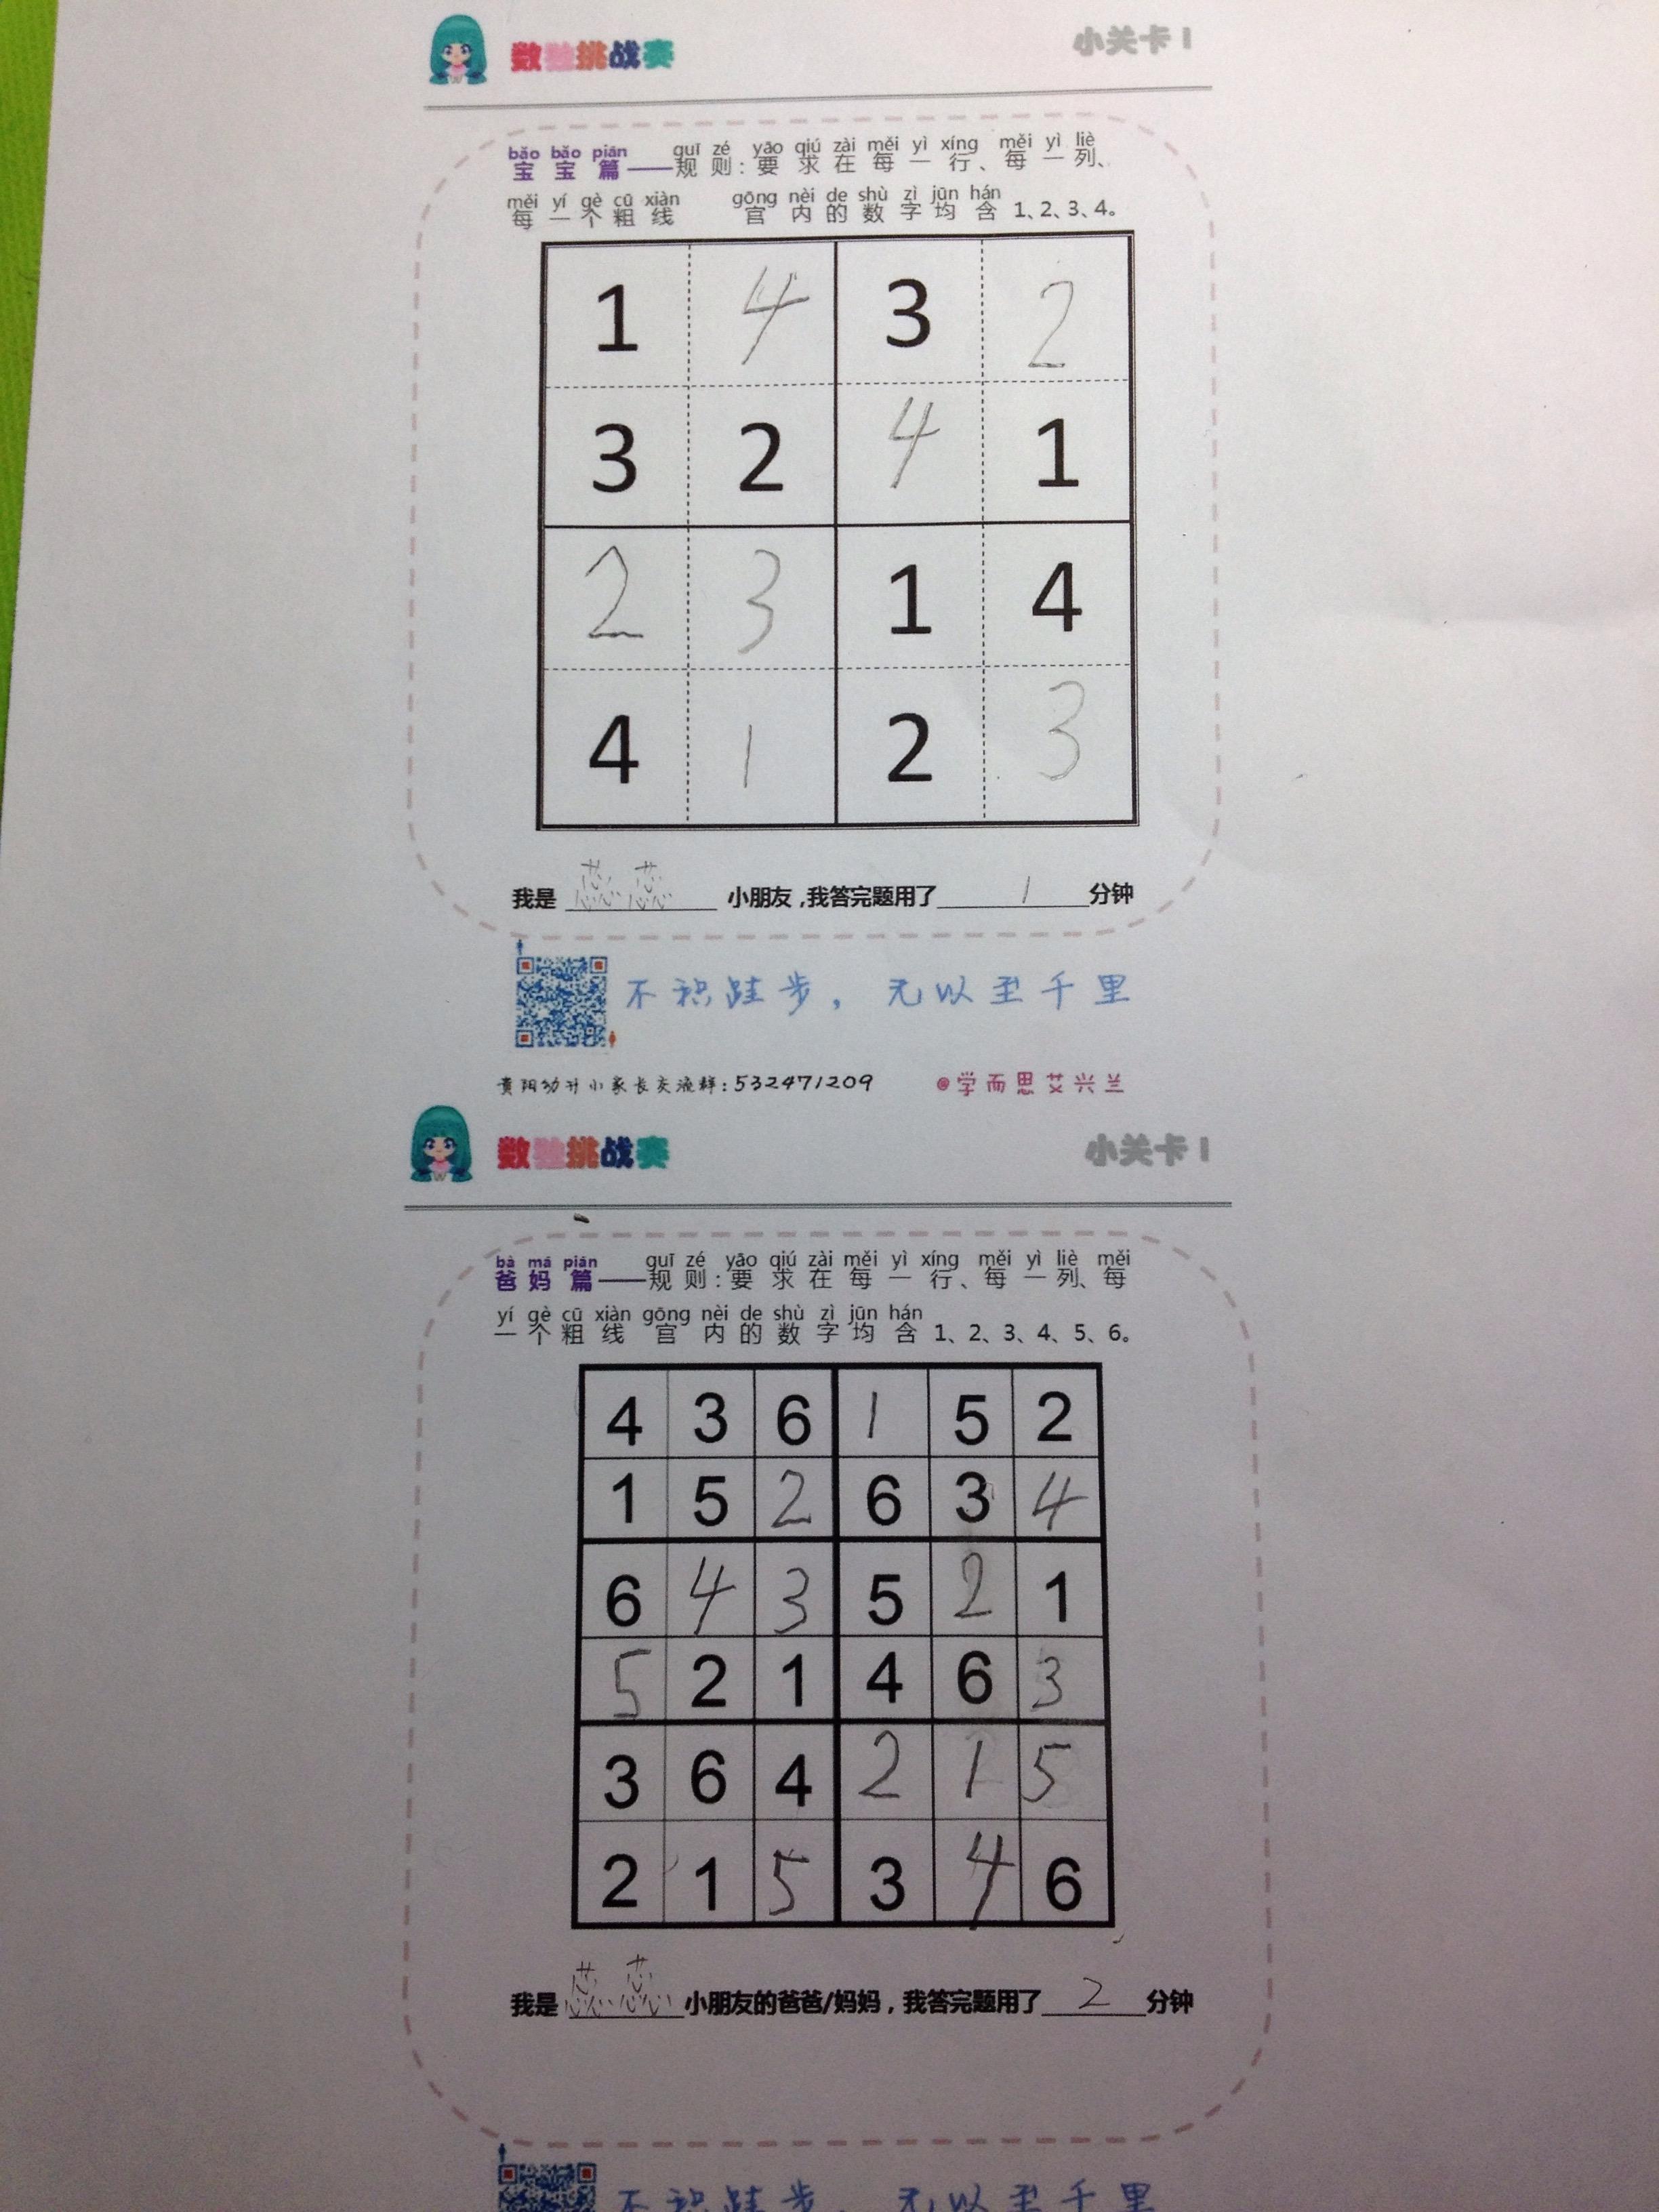 CEBD7100-7F58-4CF4-A627-C1357B57CDAB.jpg